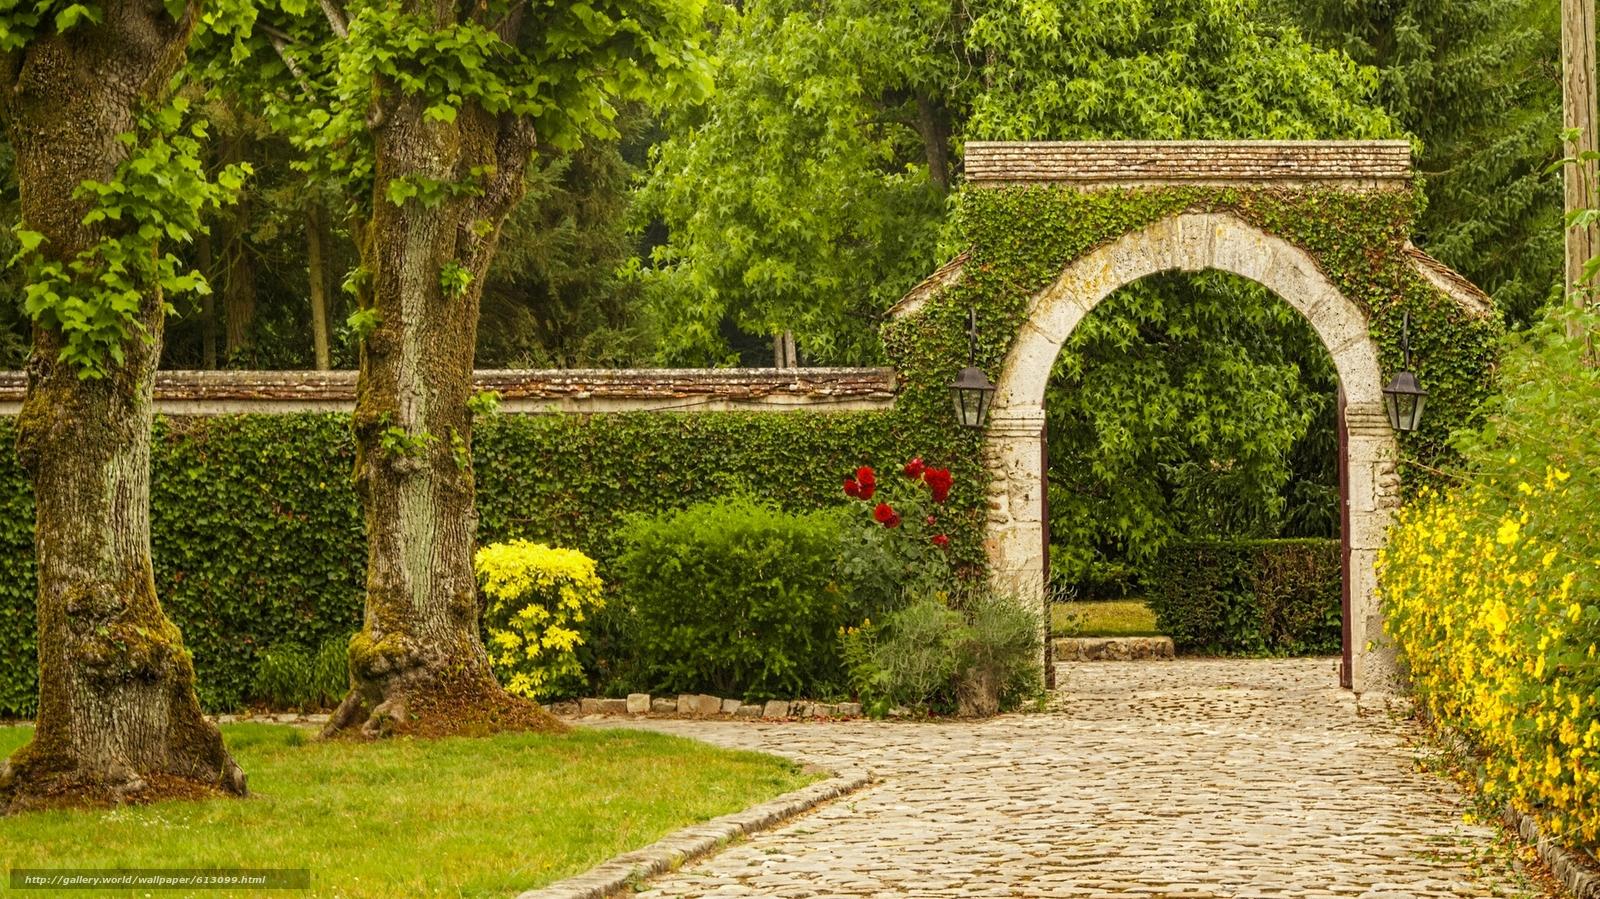 Descargar gratis parque rboles arco flores fondos de for Parques con jardines